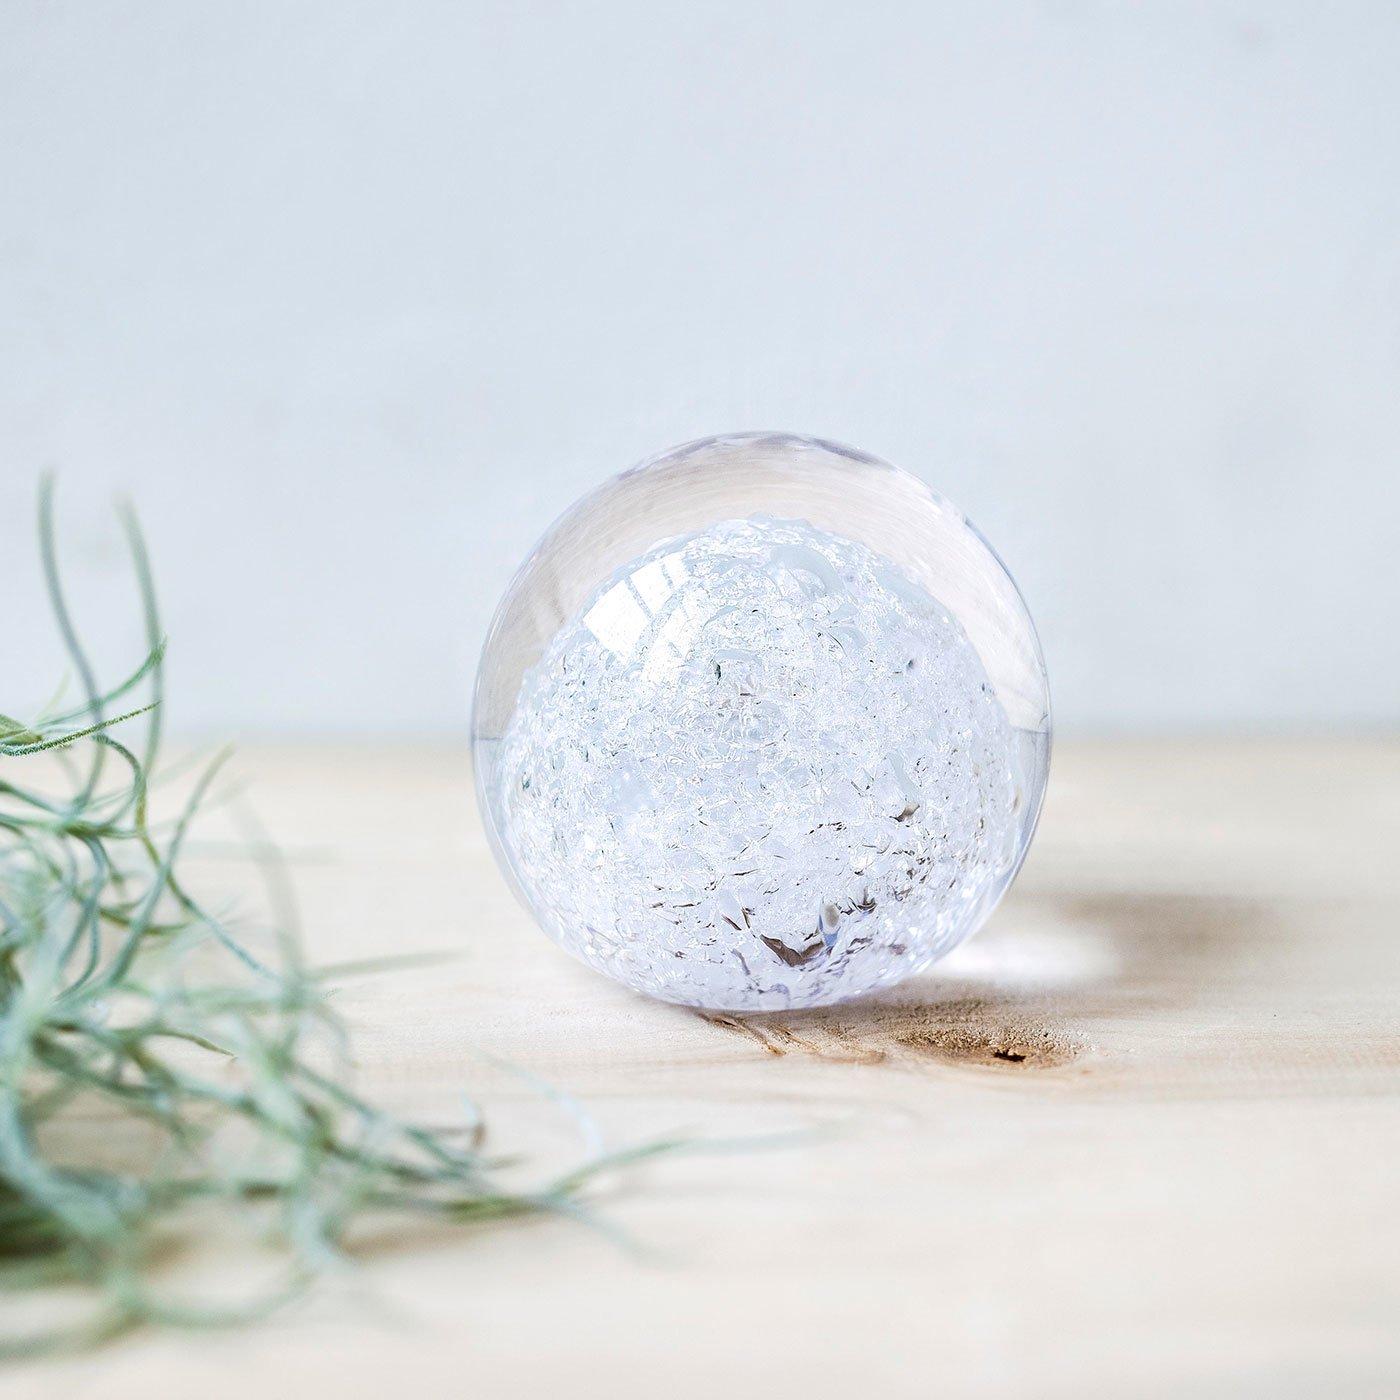 ゆっくりと刻まれる美しいヒビ ガラスのオブジェ